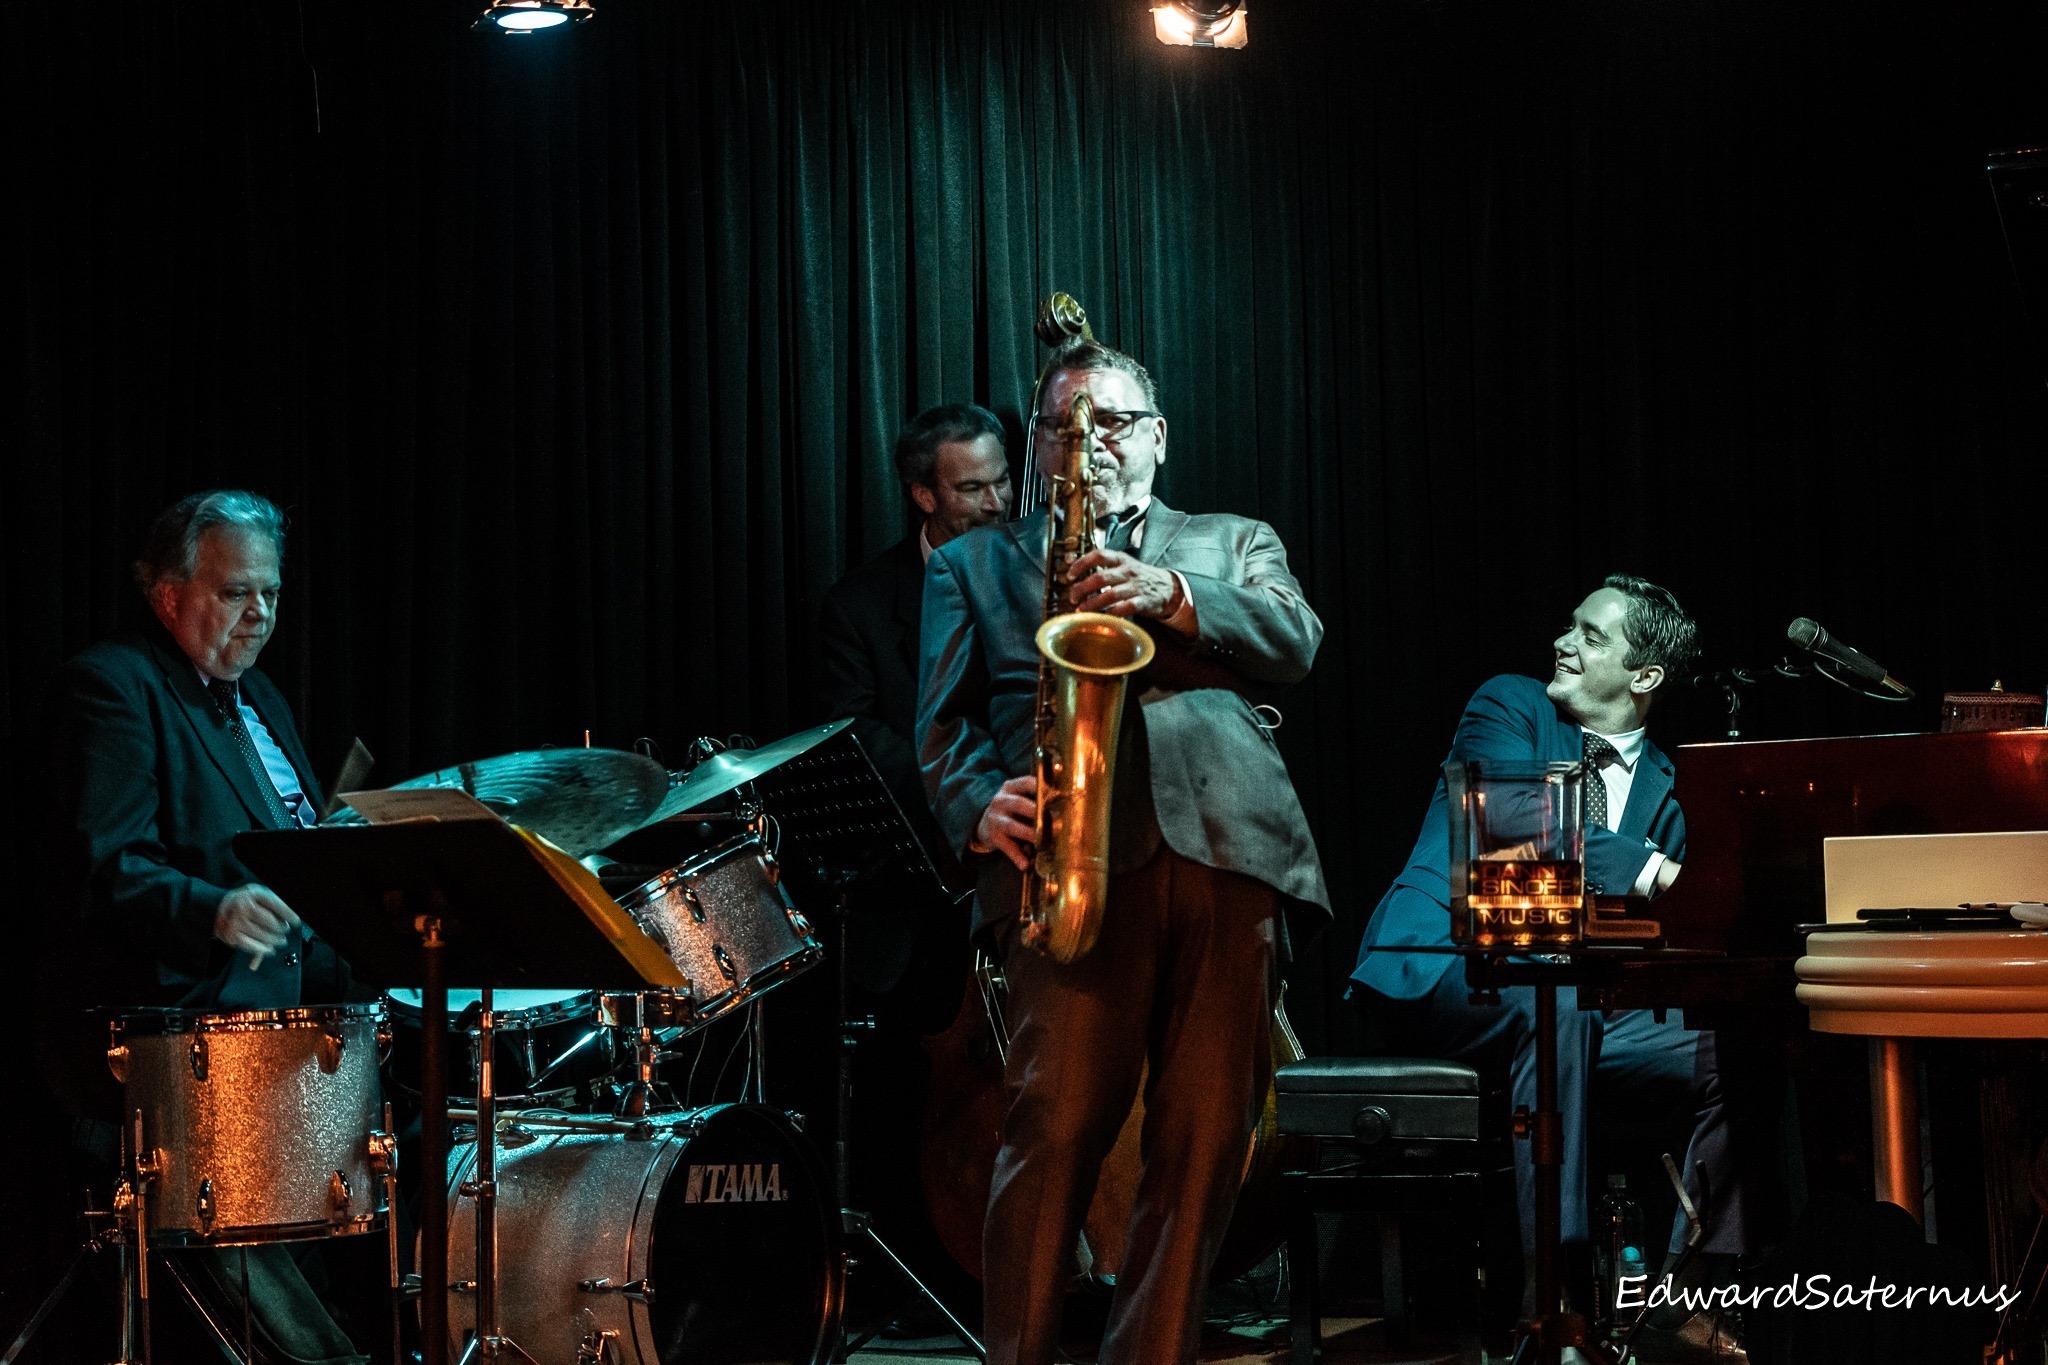 The Danny Sinoff Quartet